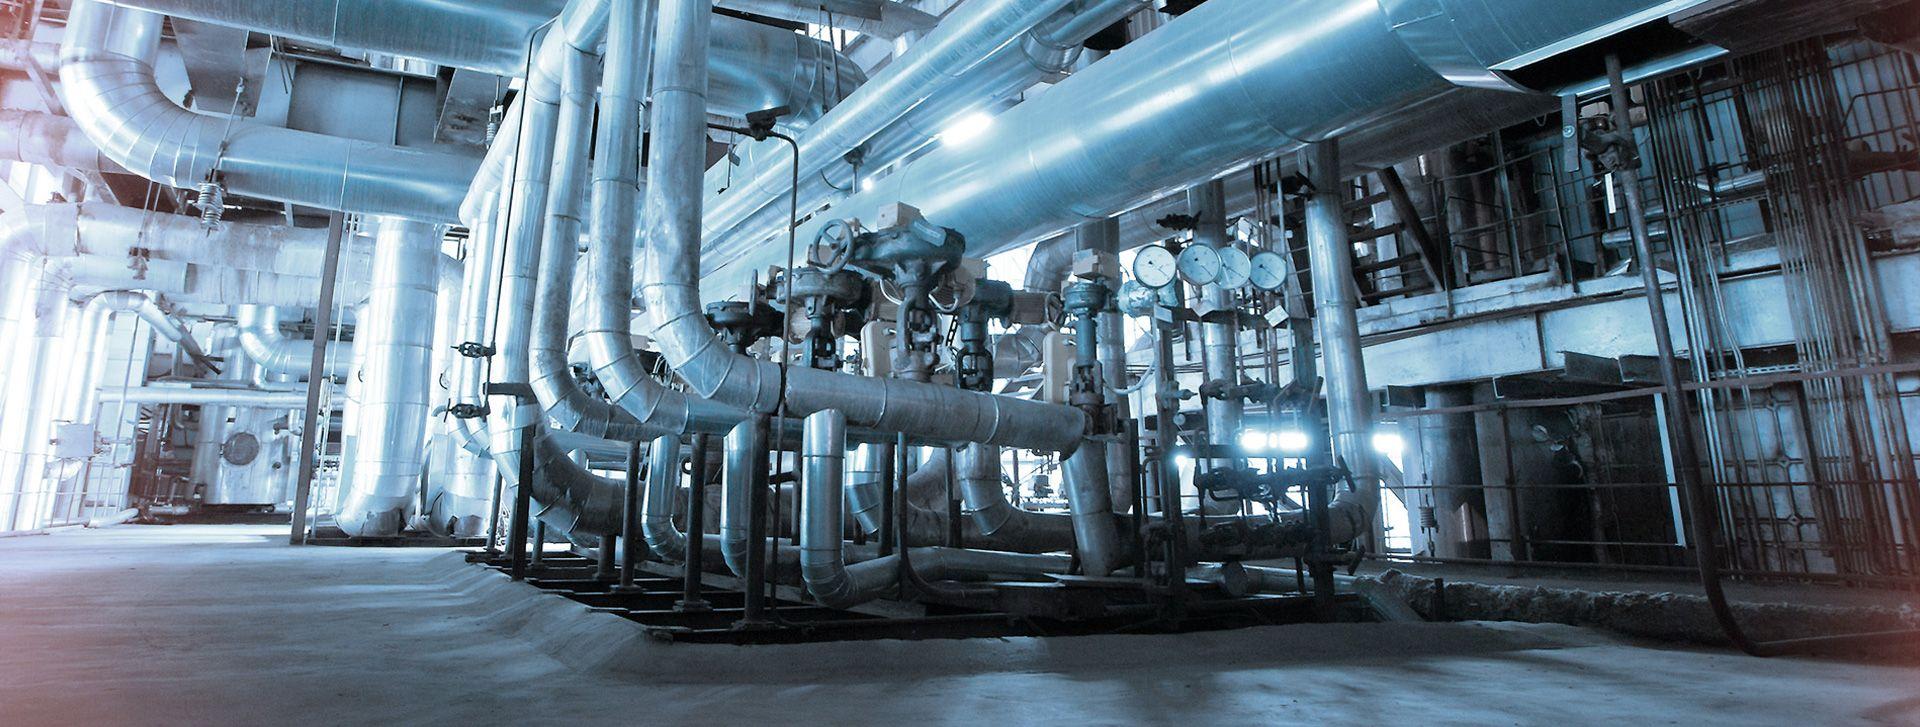 Montage und Reparaturdienstleisungen in Industrie und Energiebranche